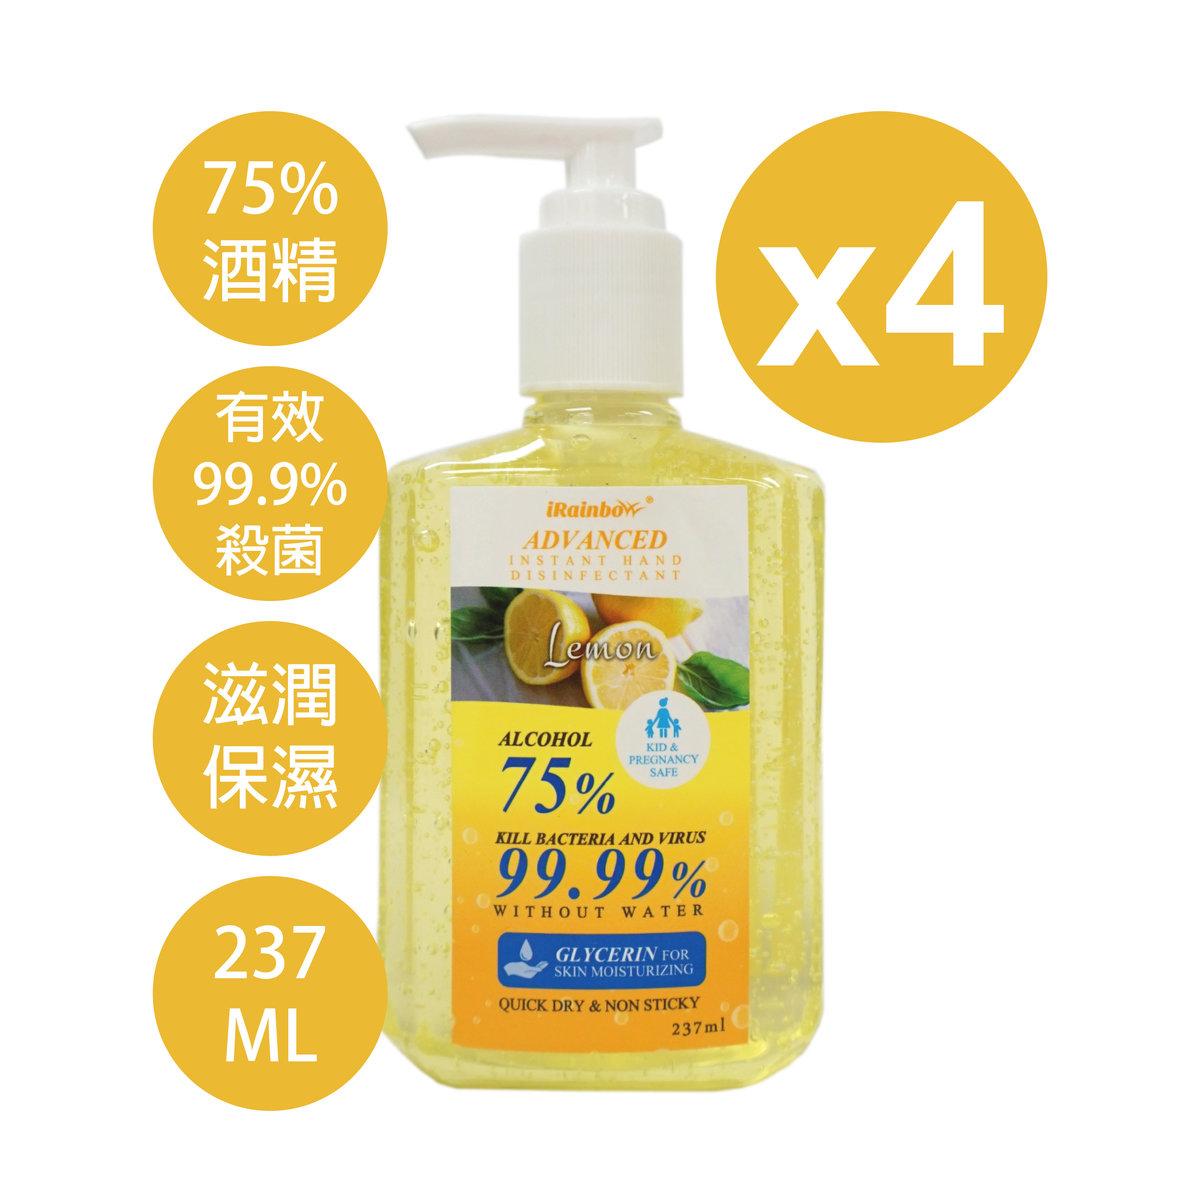 75%酒精消毒搓手液 殺菌99.99% -  檸檬   (237ml X 4枝)